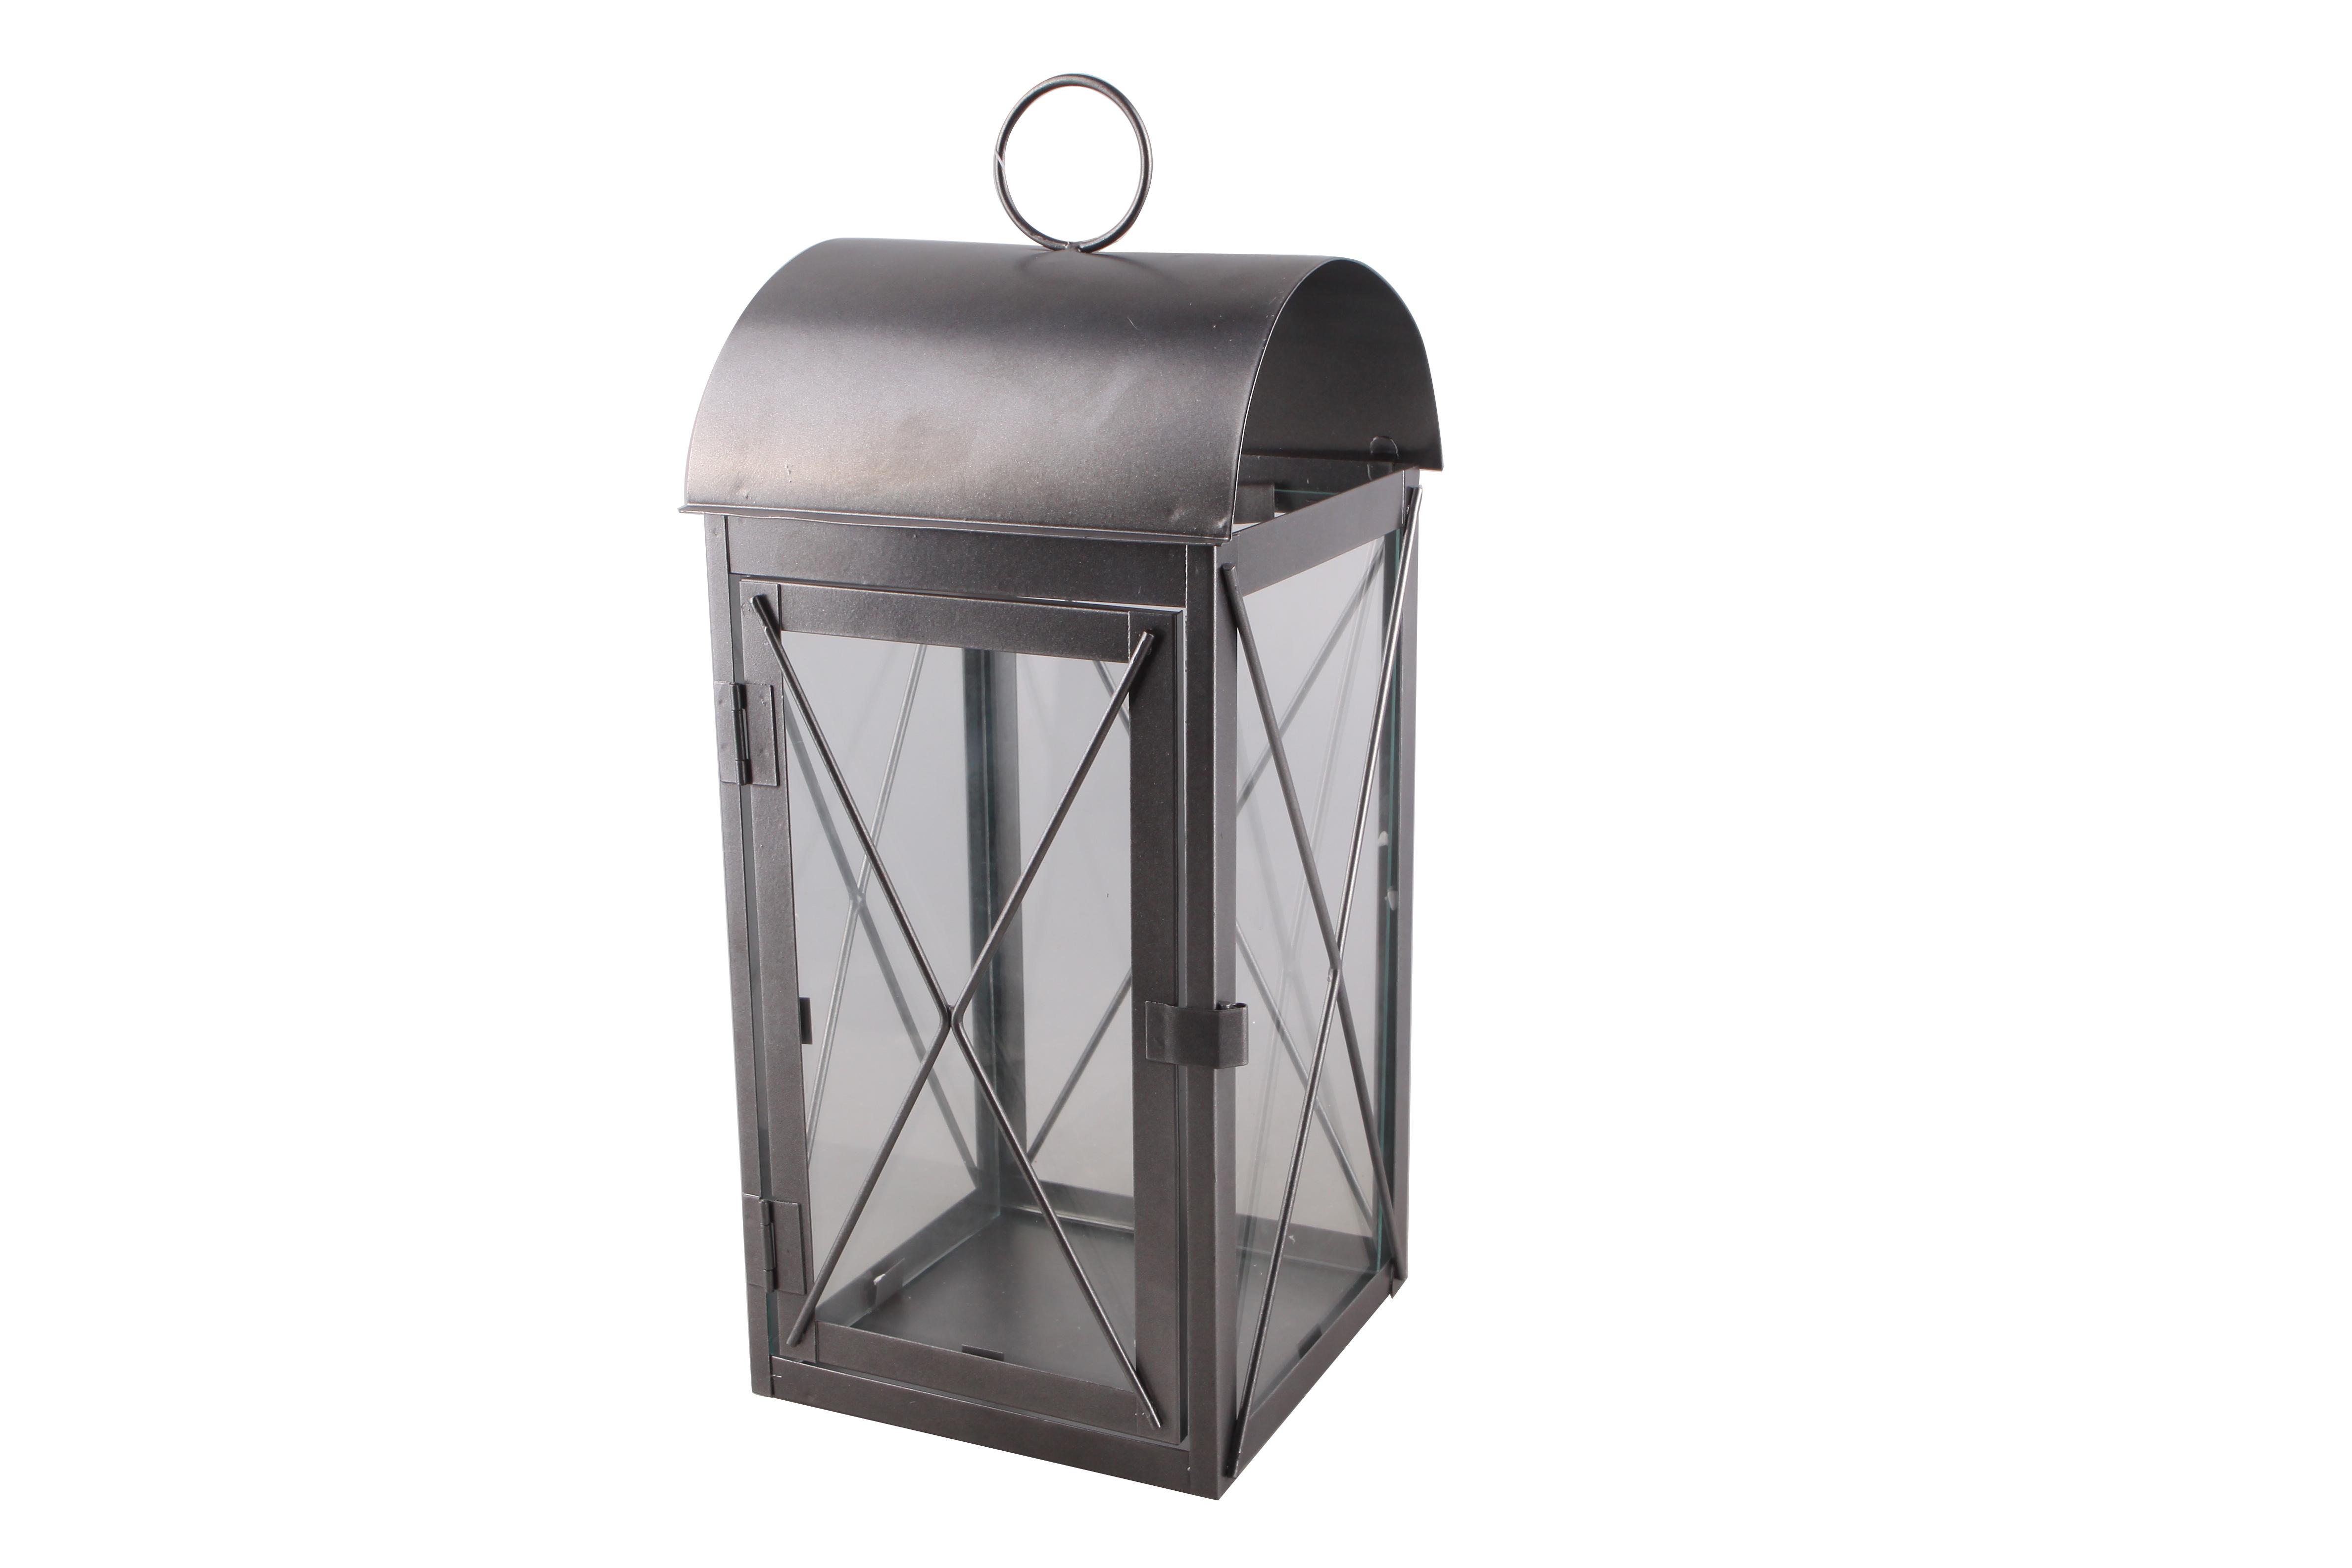 gardenlife laterne aus metall kreuz halbrund hammerkauf. Black Bedroom Furniture Sets. Home Design Ideas